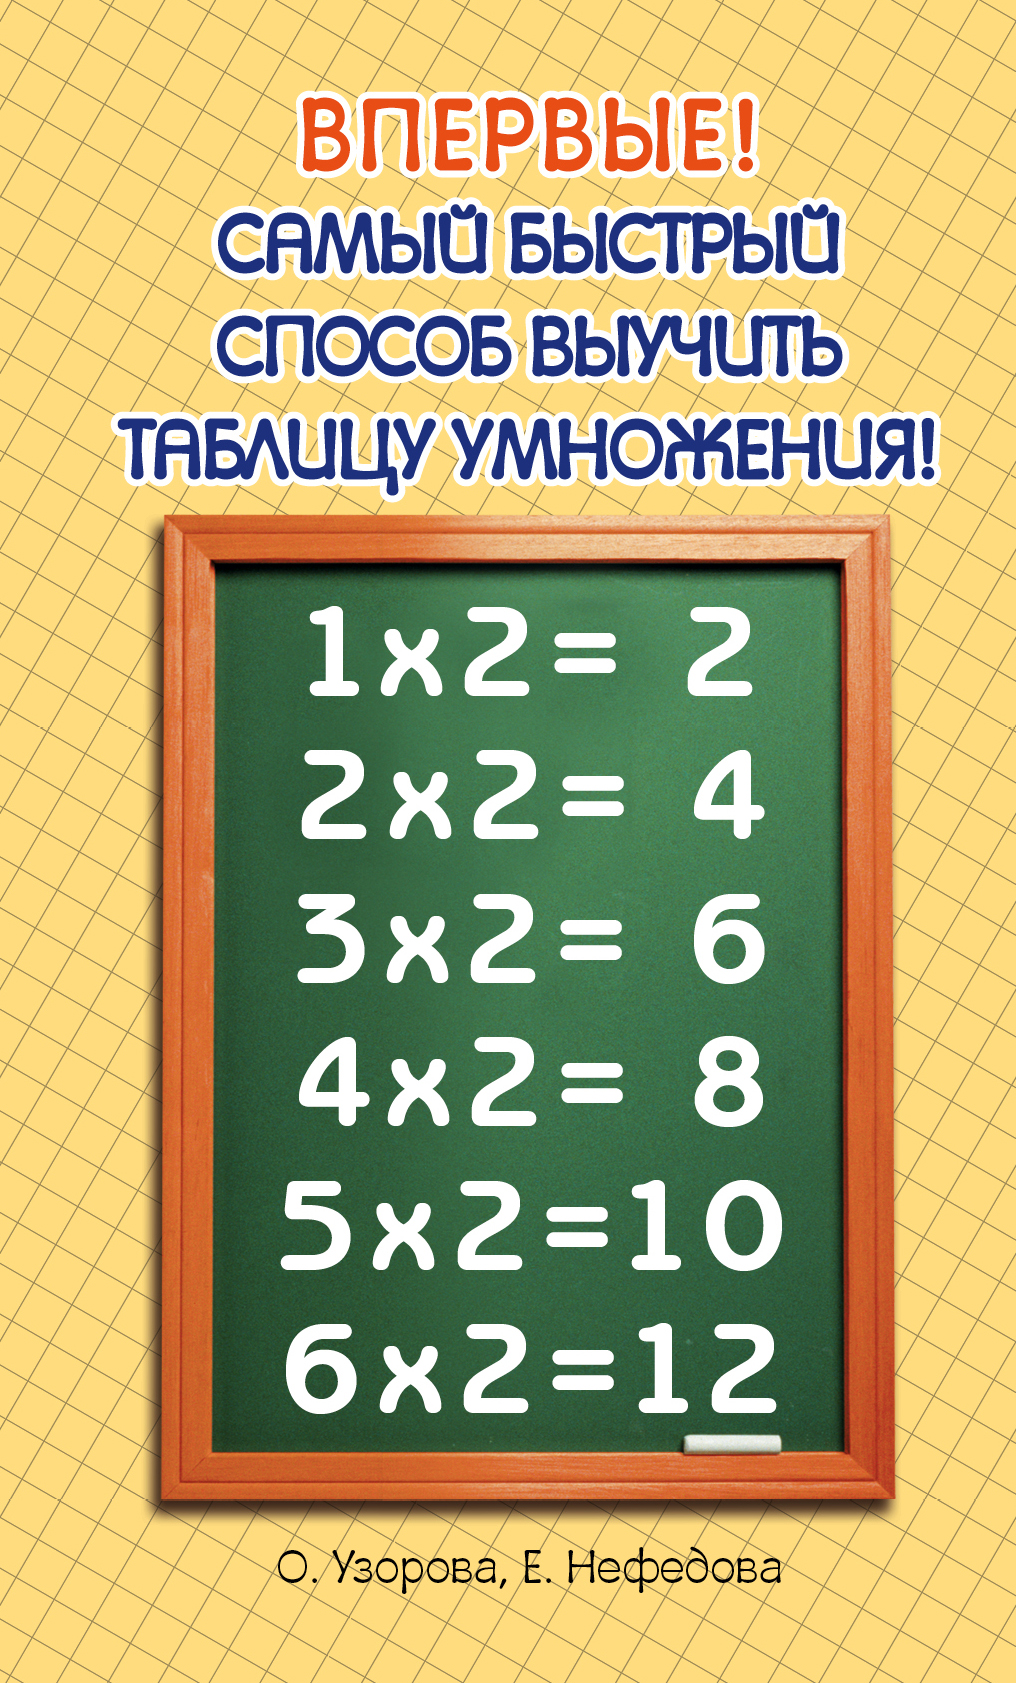 Самый быстрый способ выучить таблицу умножения. О. Узорова, Е. Нефедова